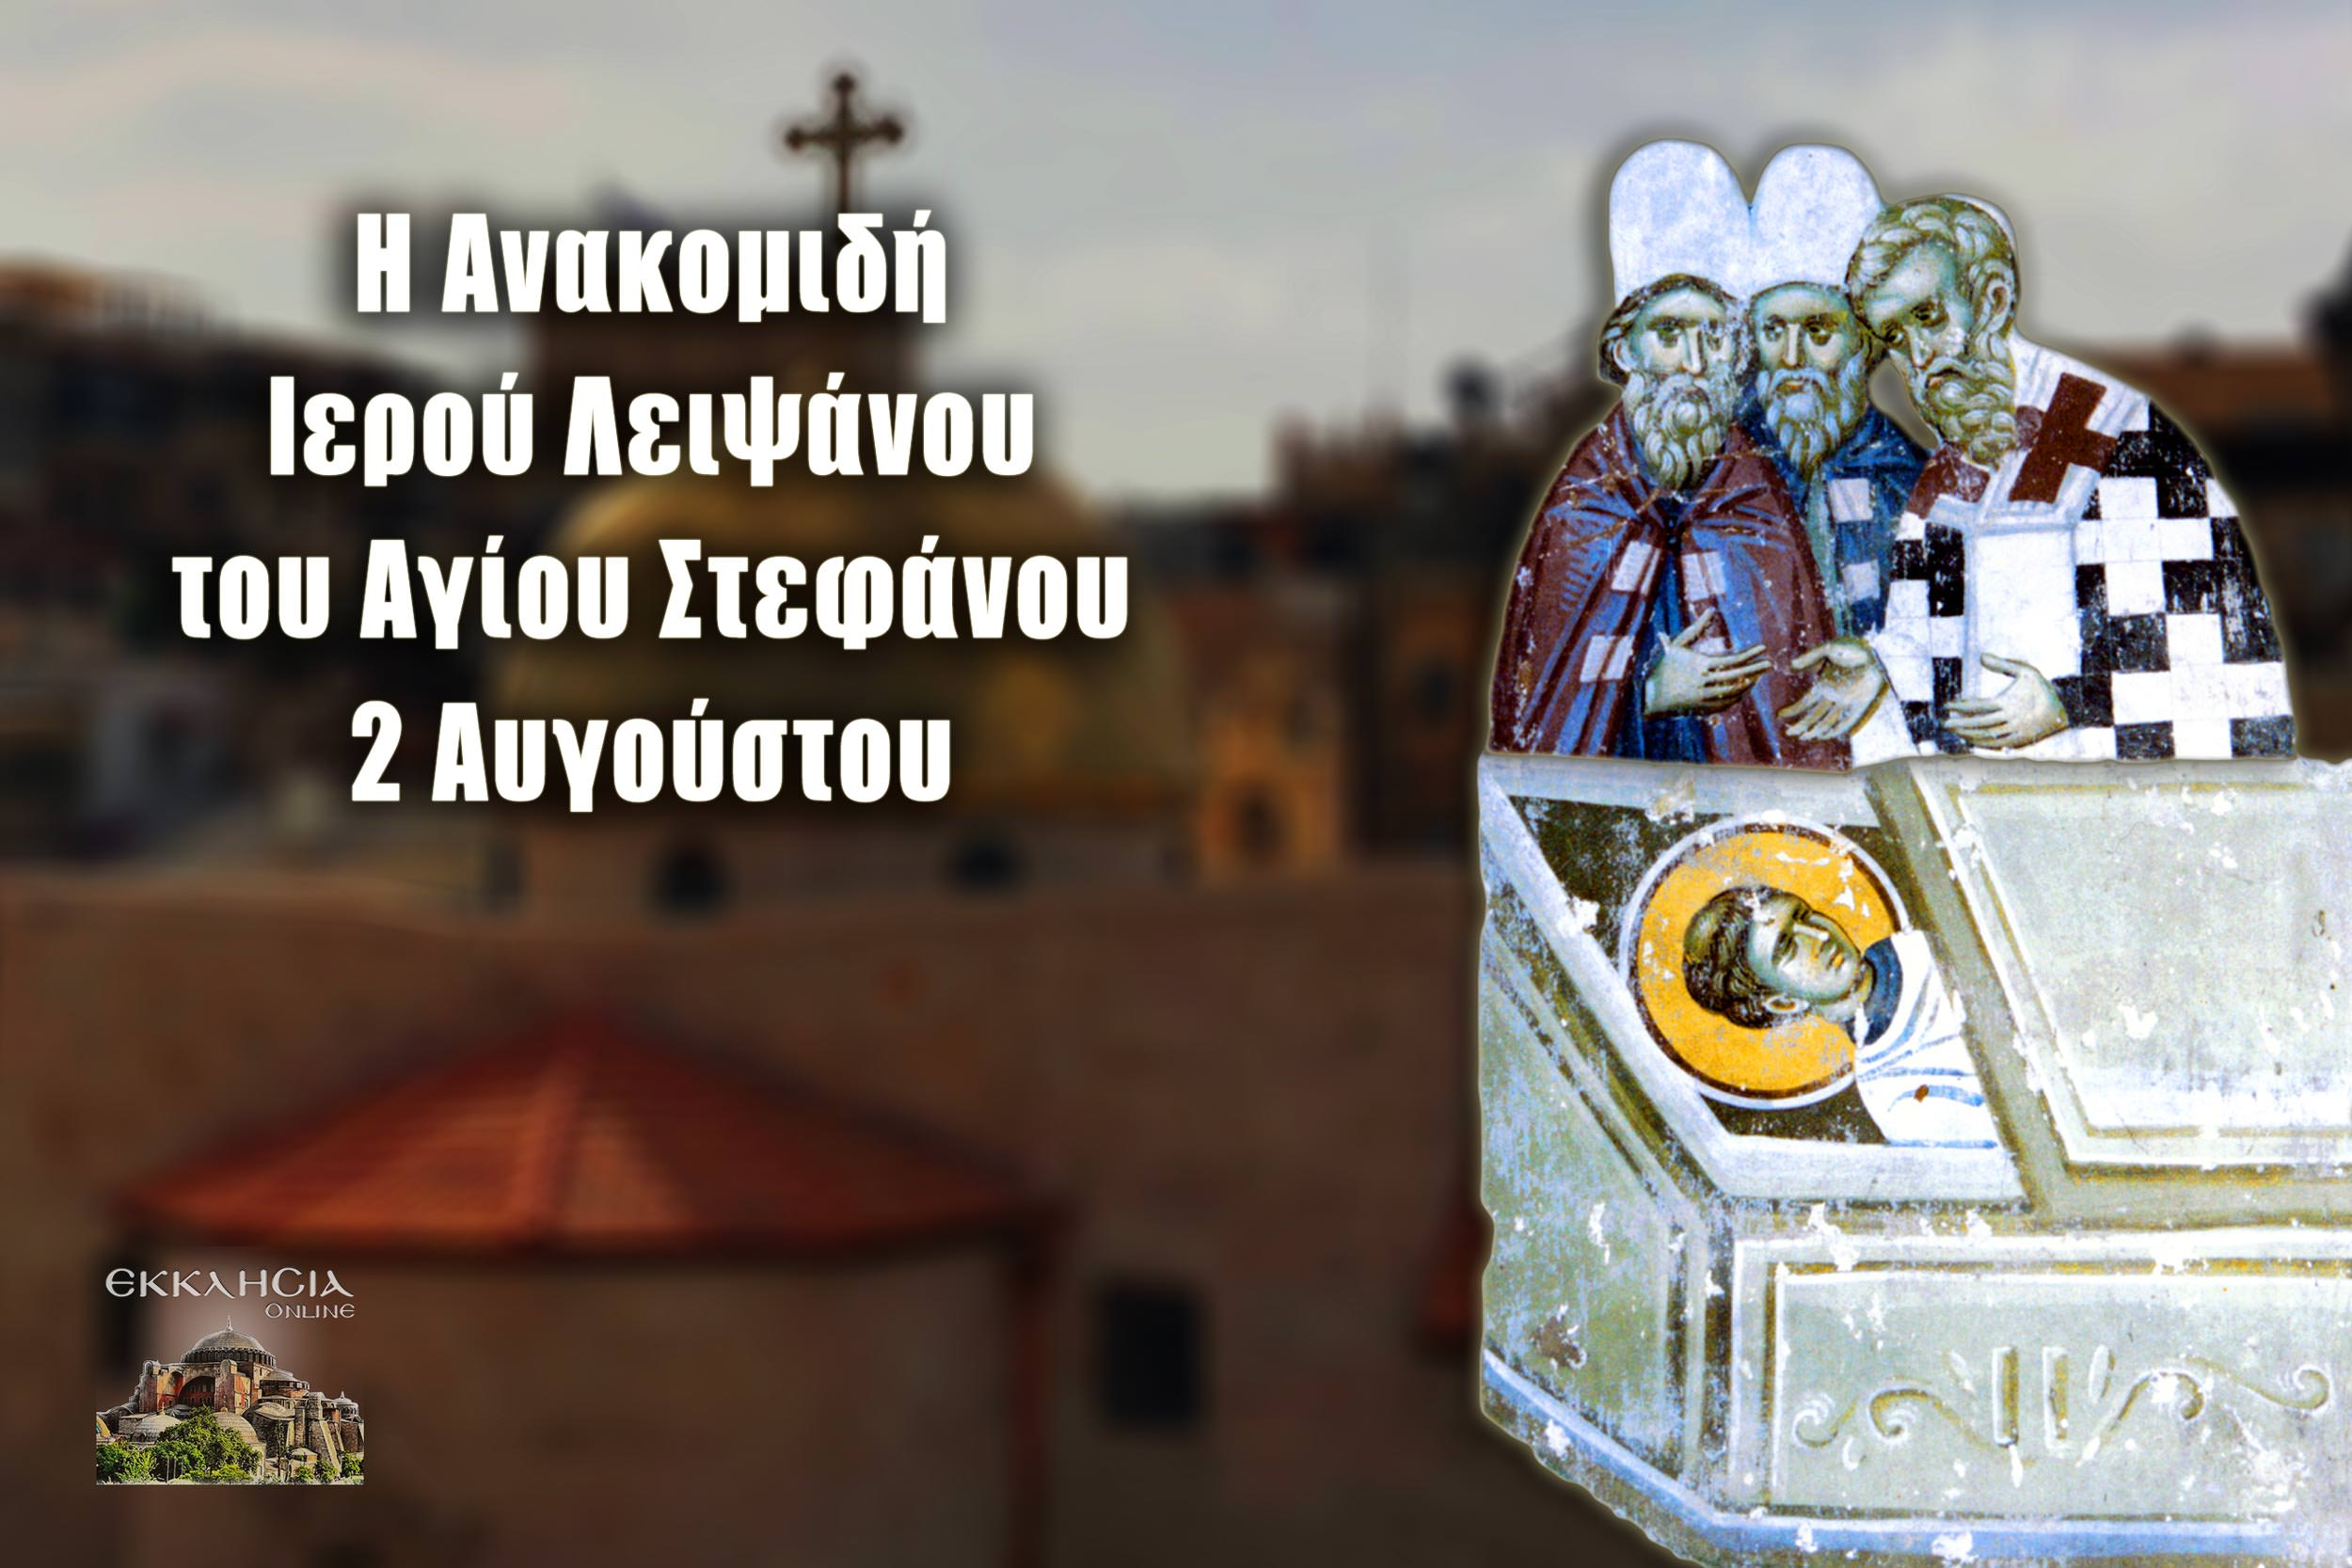 Ανακομιδή Ιερού Λειψάνου του Αγίου Στεφάνου 2 Αυγούστου